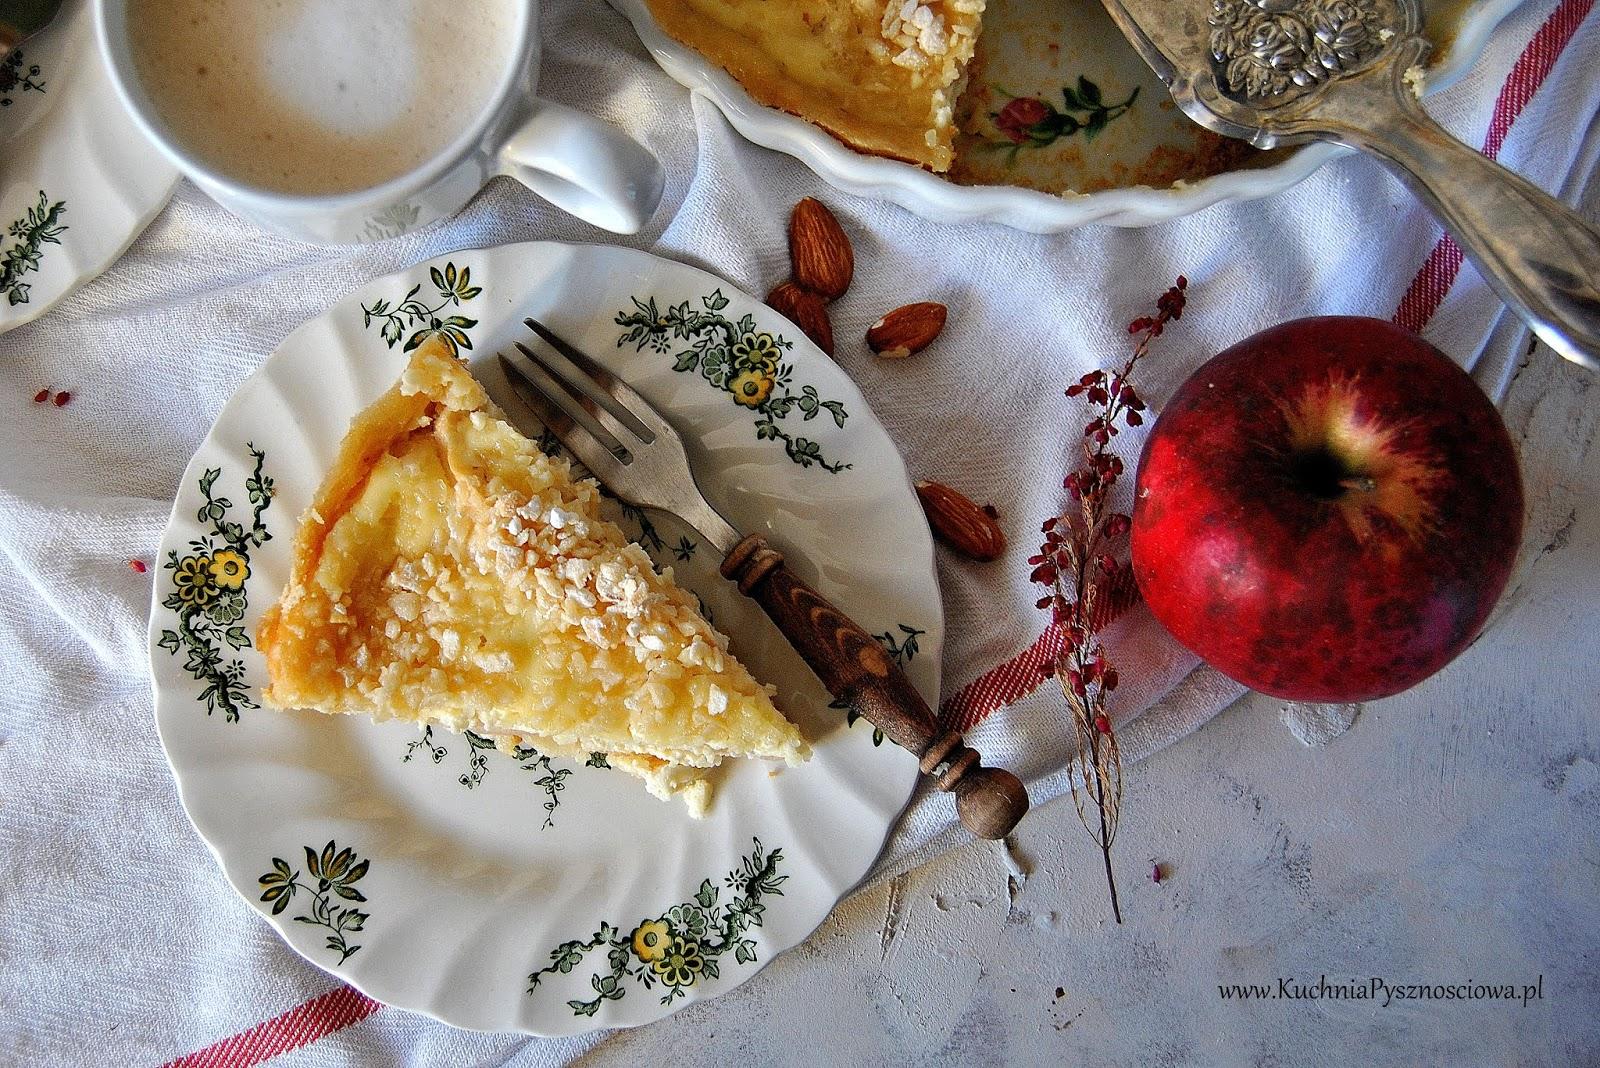 647. Tarta z jabłkami, migdałami i serem mascarpone